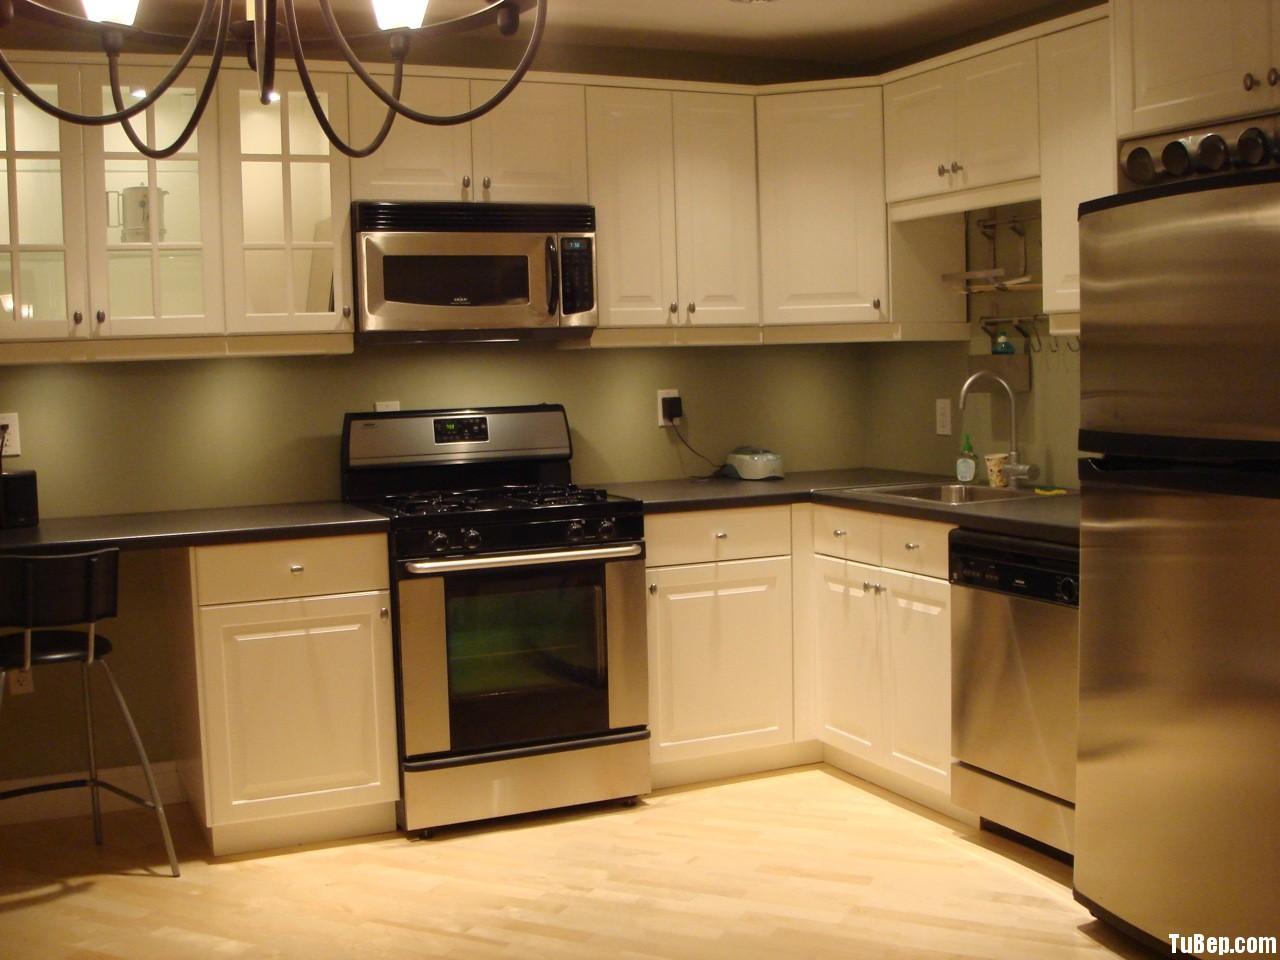 acdb57a62f2507 4.jpg Tủ bếp gỗ tự nhiên Sồi Mỹ sơn men – TVB397